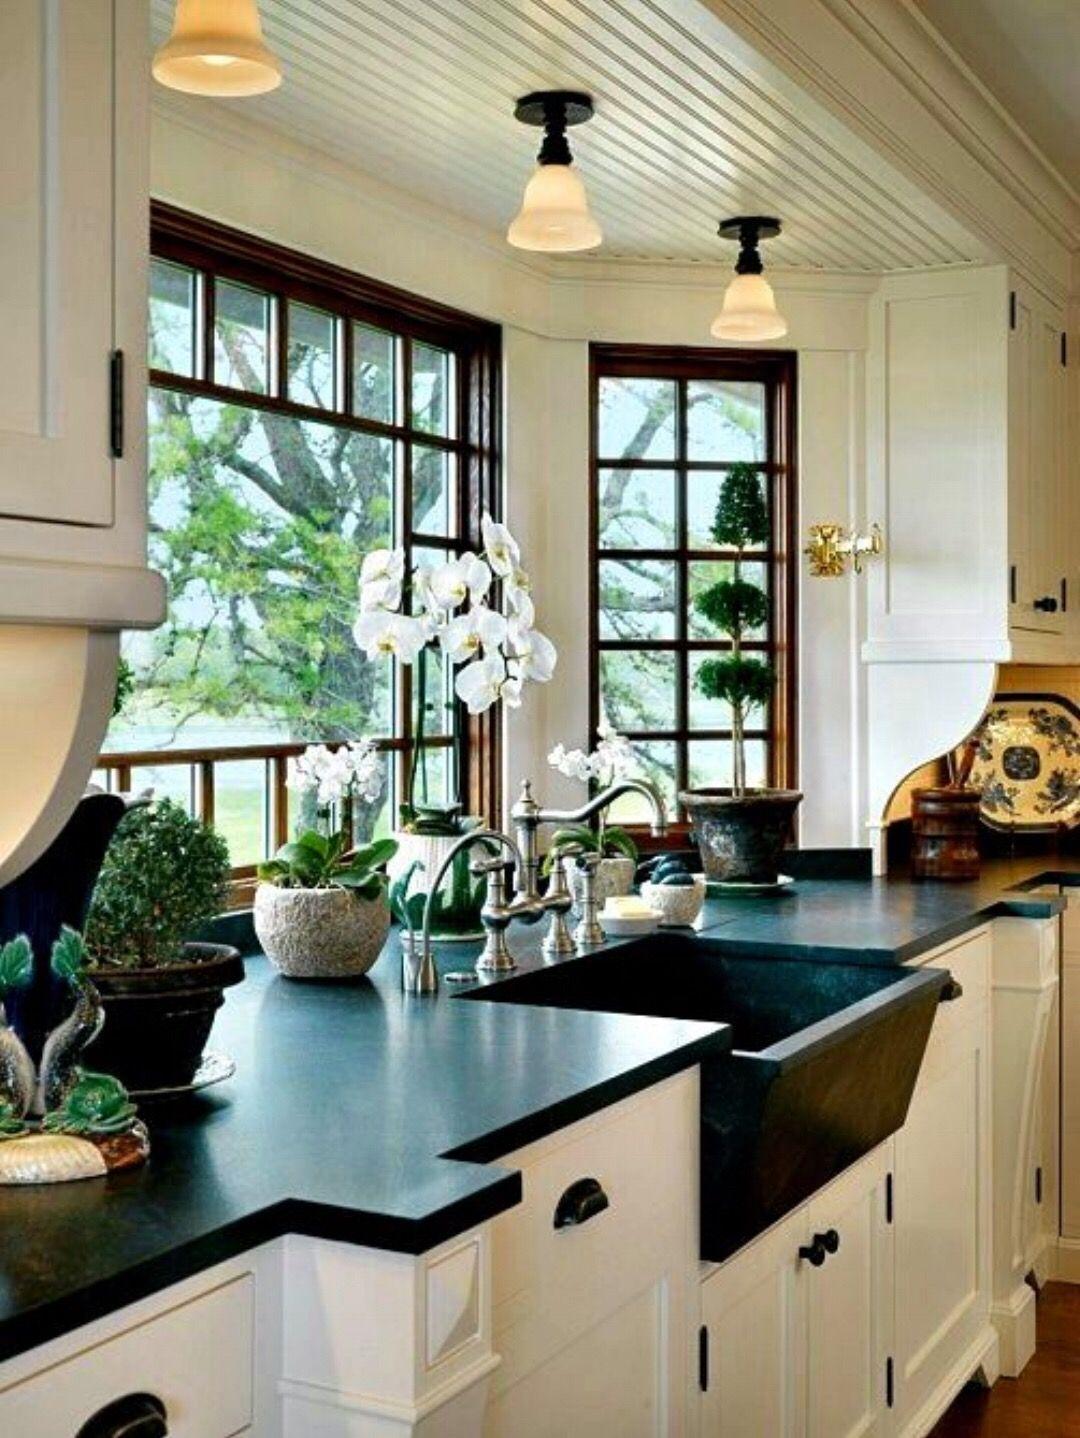 Window under kitchen cabinets  trending kitchen designs  window kitchens and kitchen design